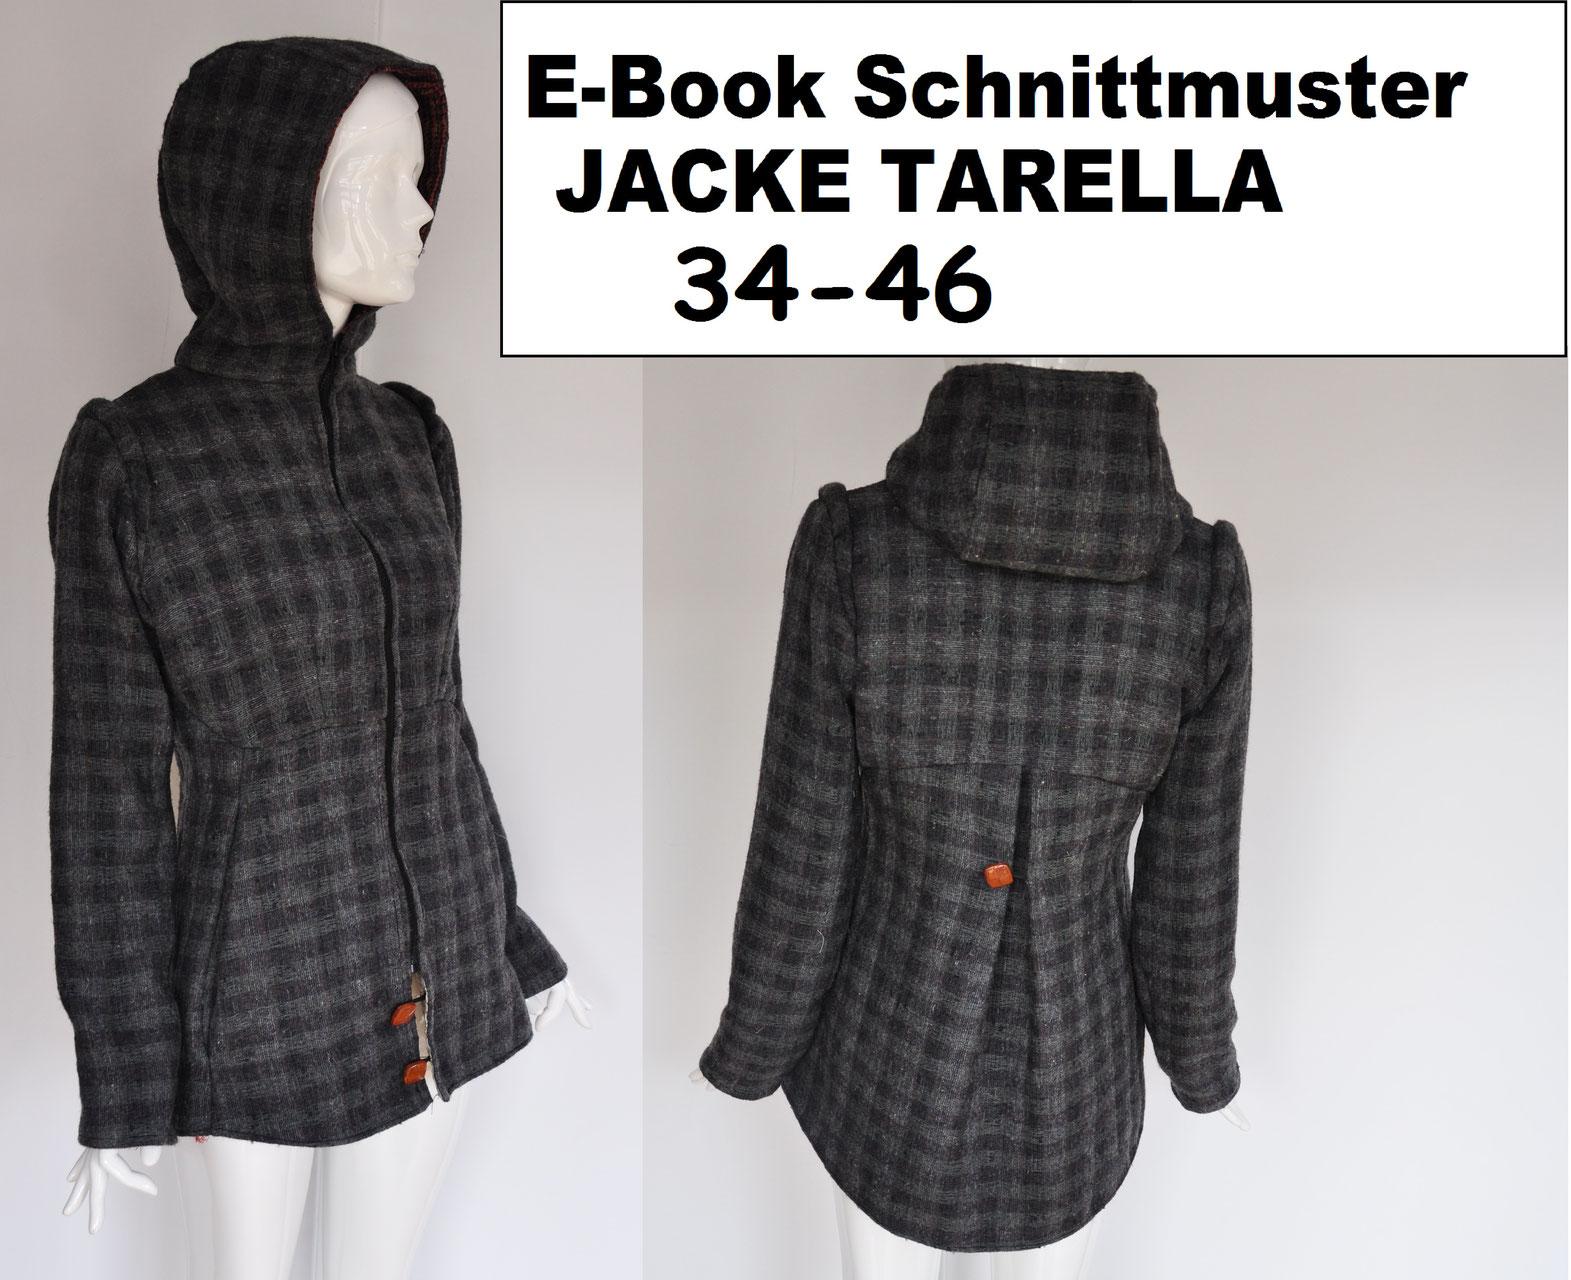 E-Book/ Schnittmuster für Jacken - Schnittmuster von